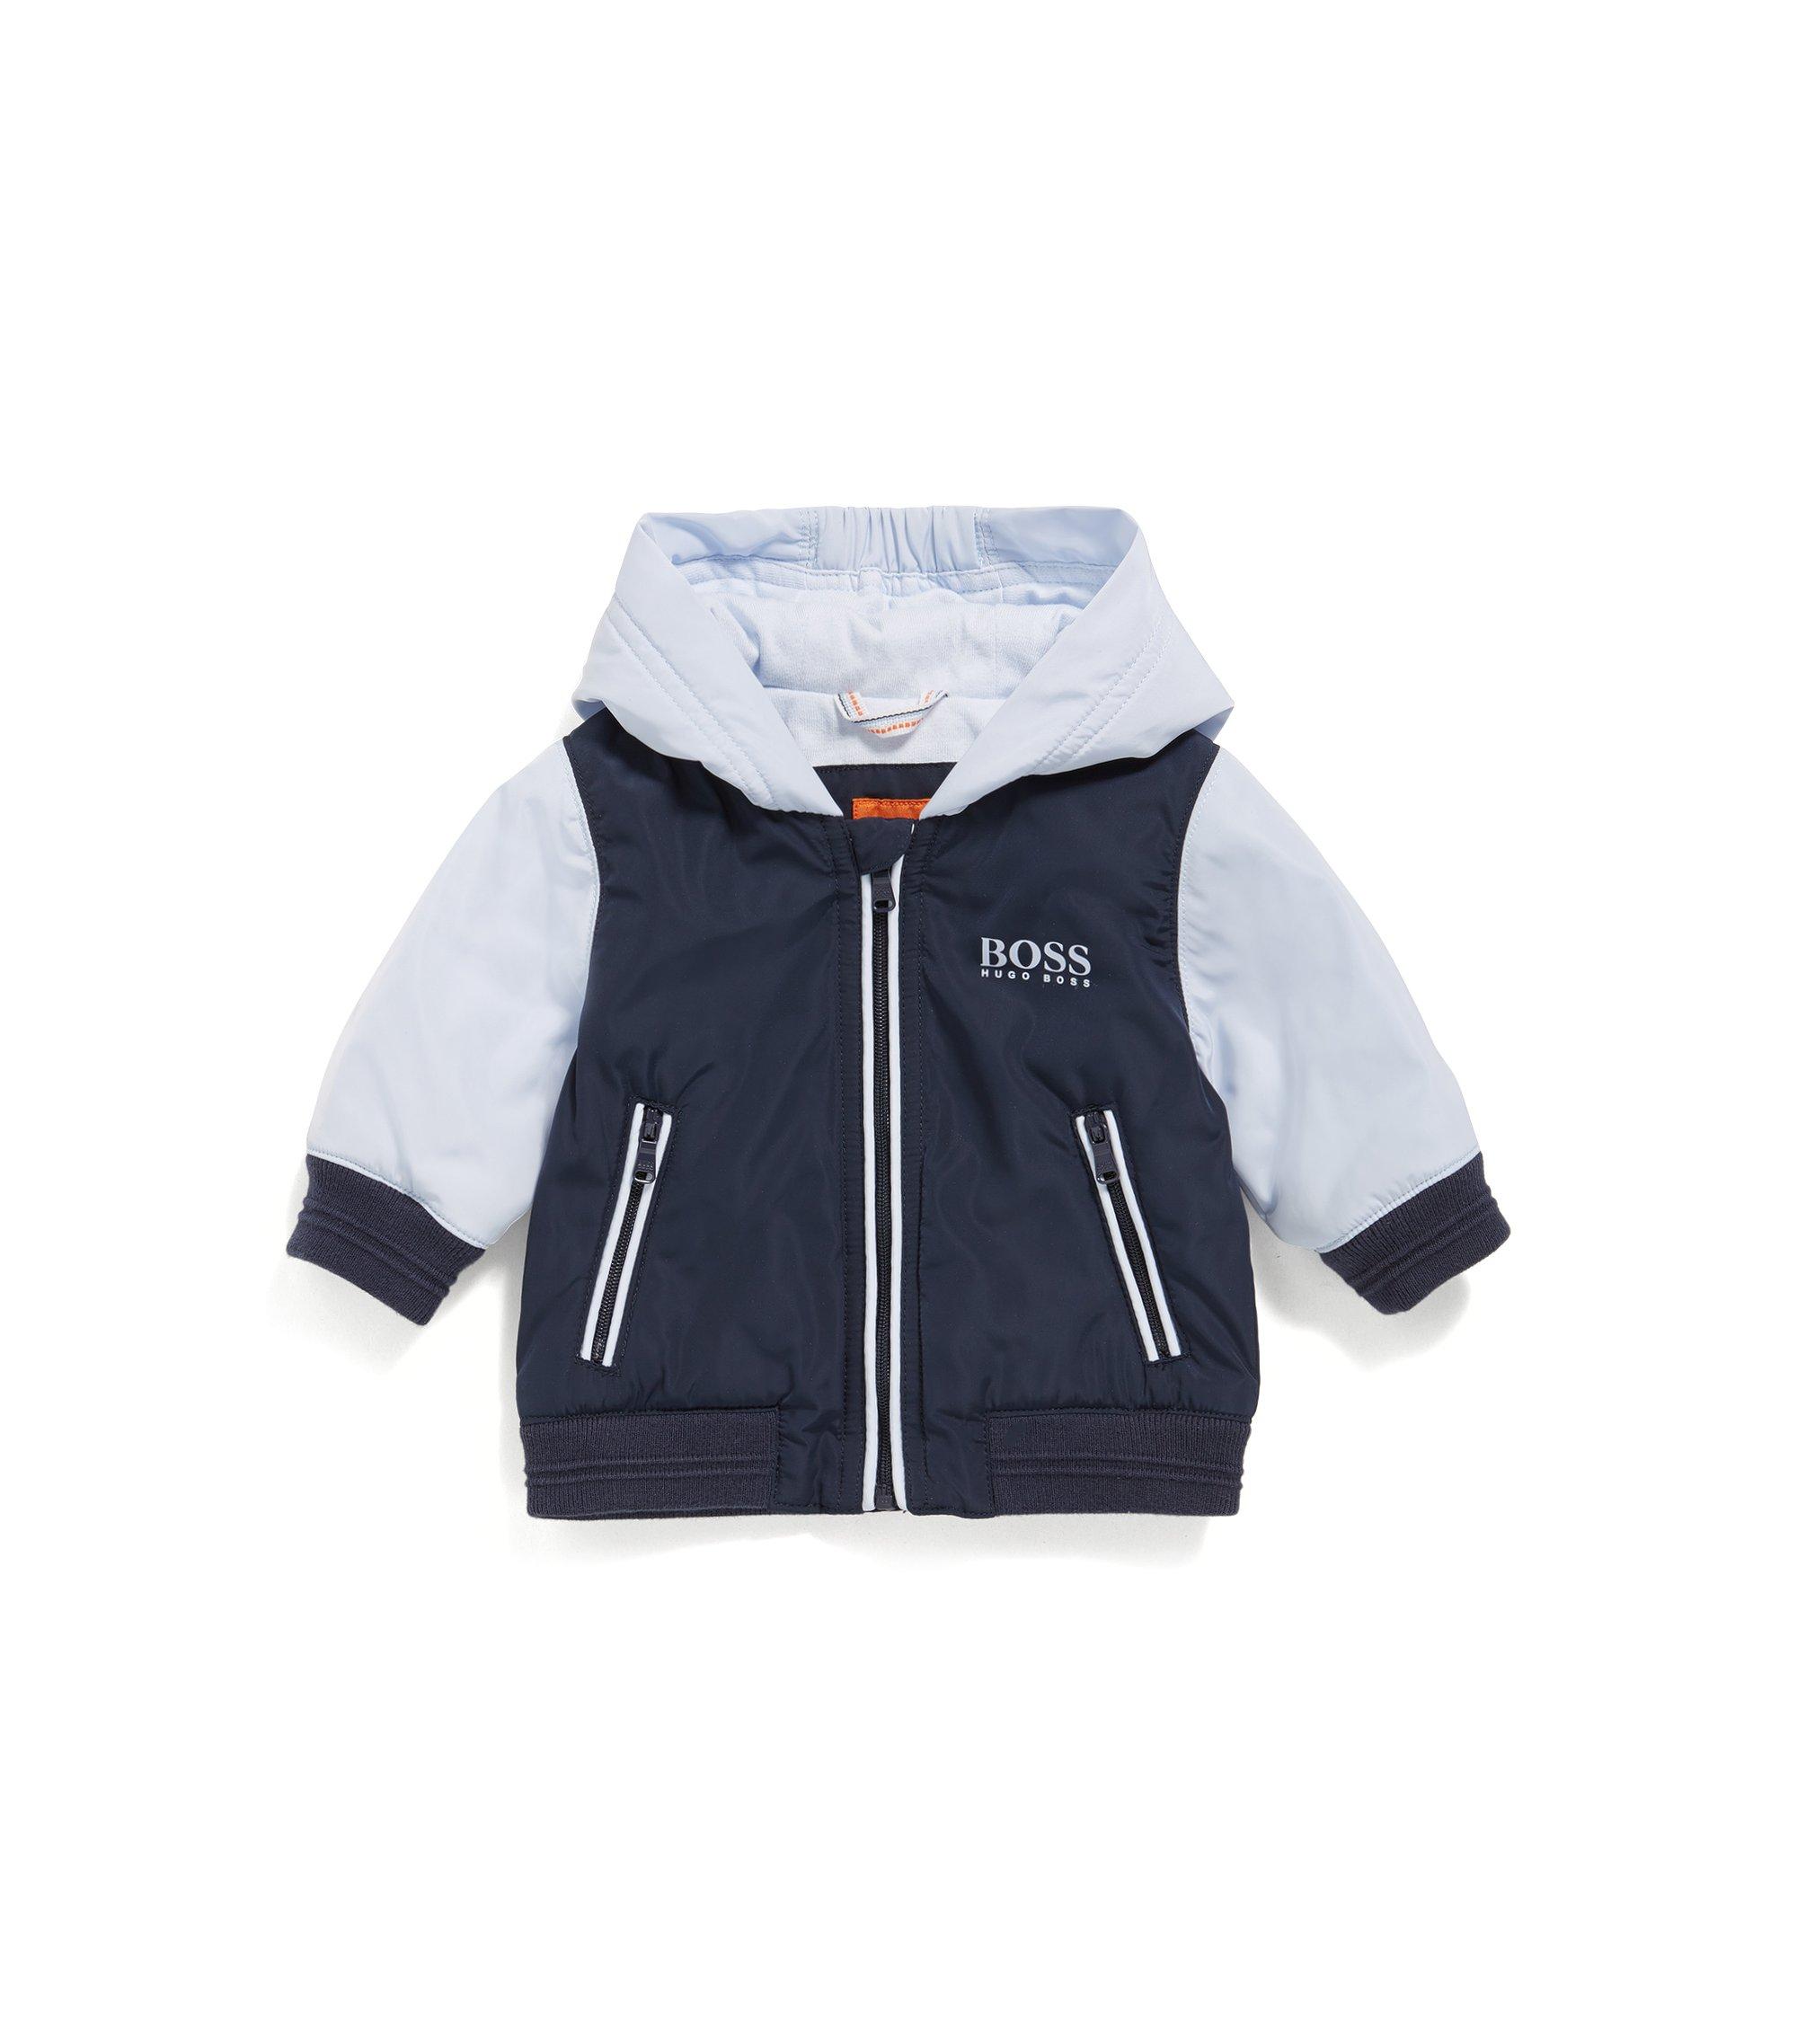 Veste Regular Fit avec doublure en jersey pour bébé, Bleu foncé